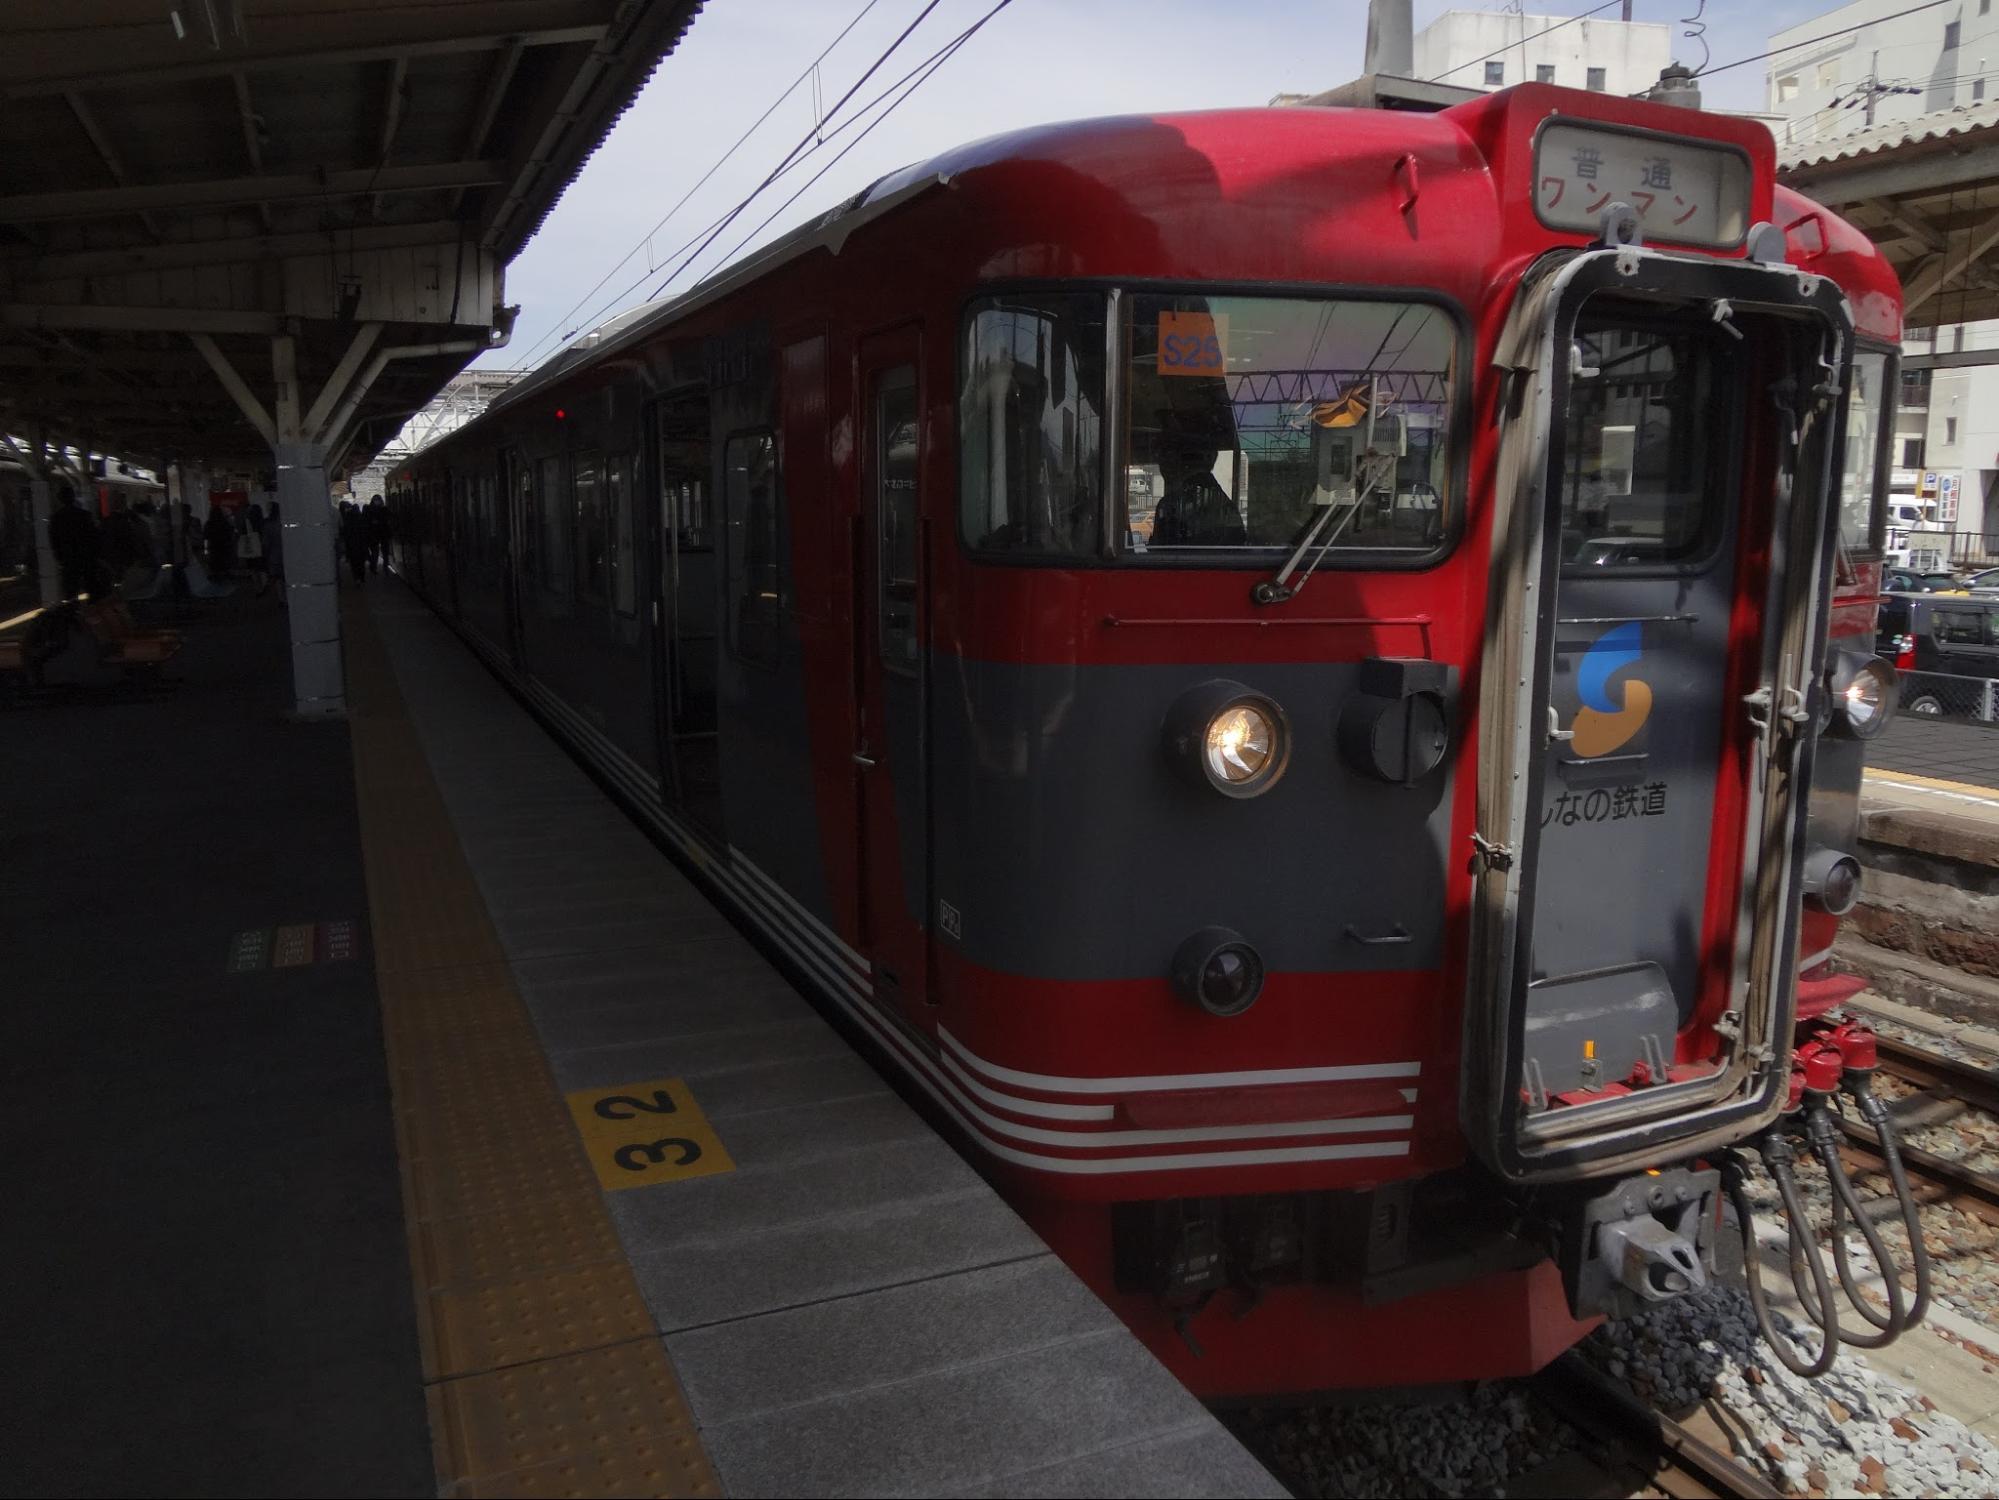 御柱祭のついでに長野の私鉄に乗ってきた ~4日目「御柱祭>長野電鉄」~